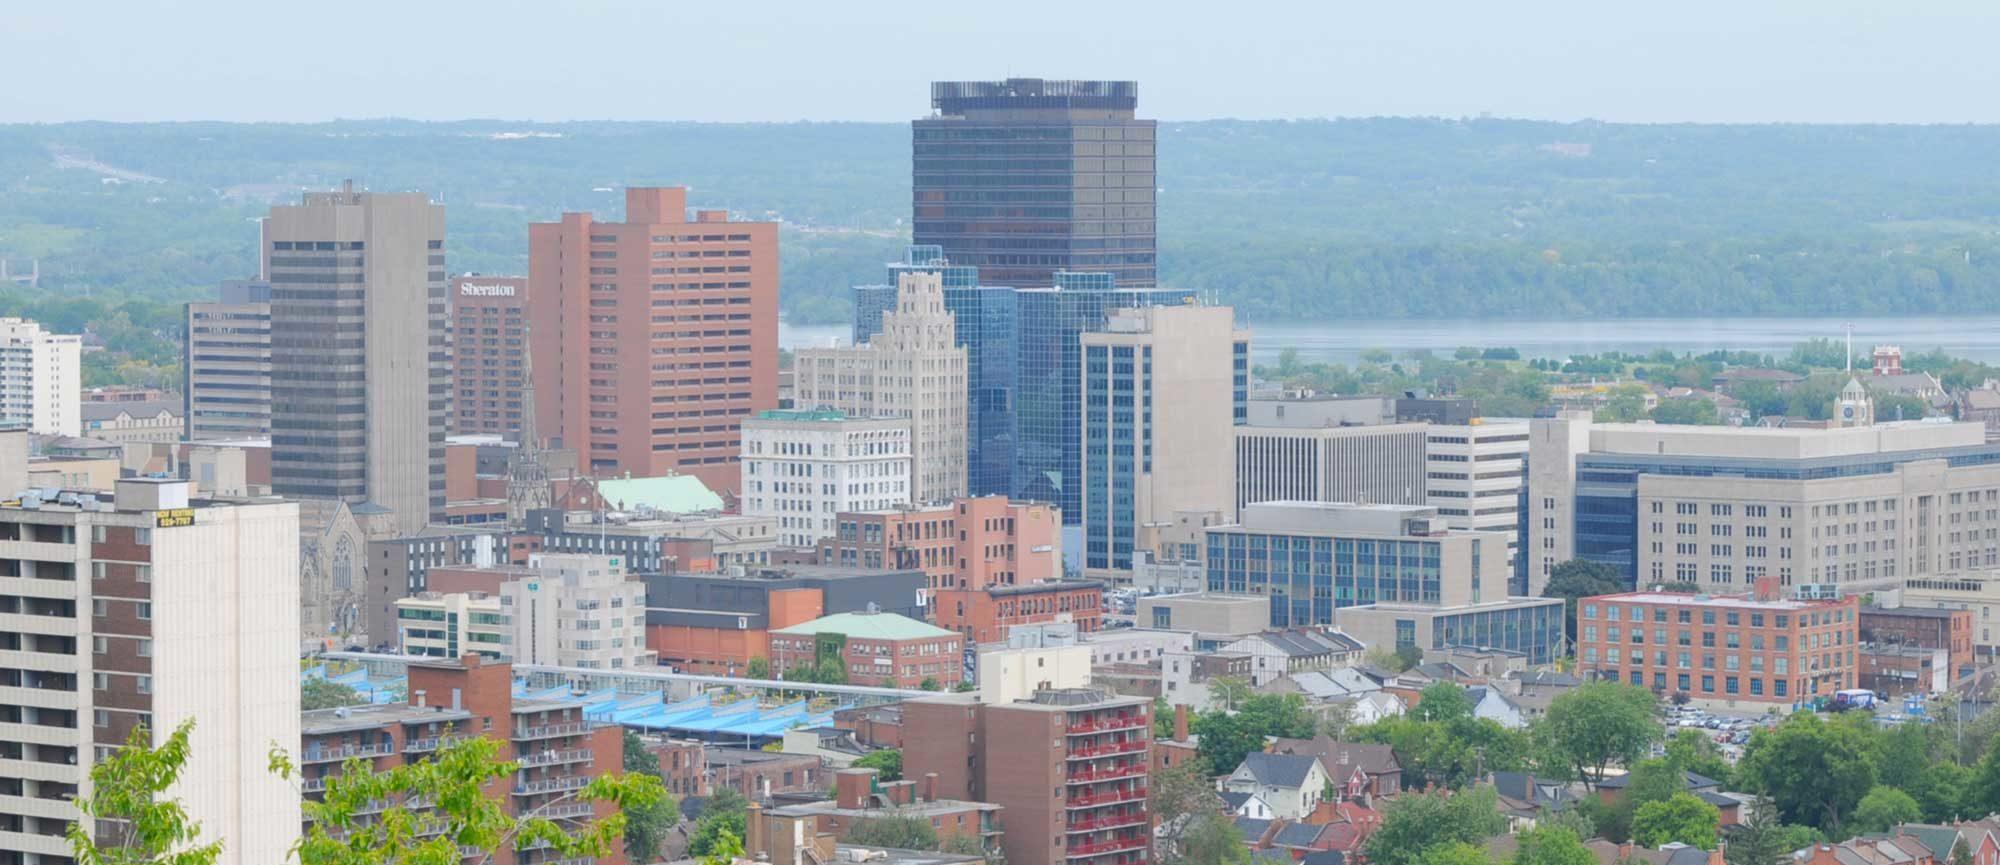 A Basic Income in Hamilton